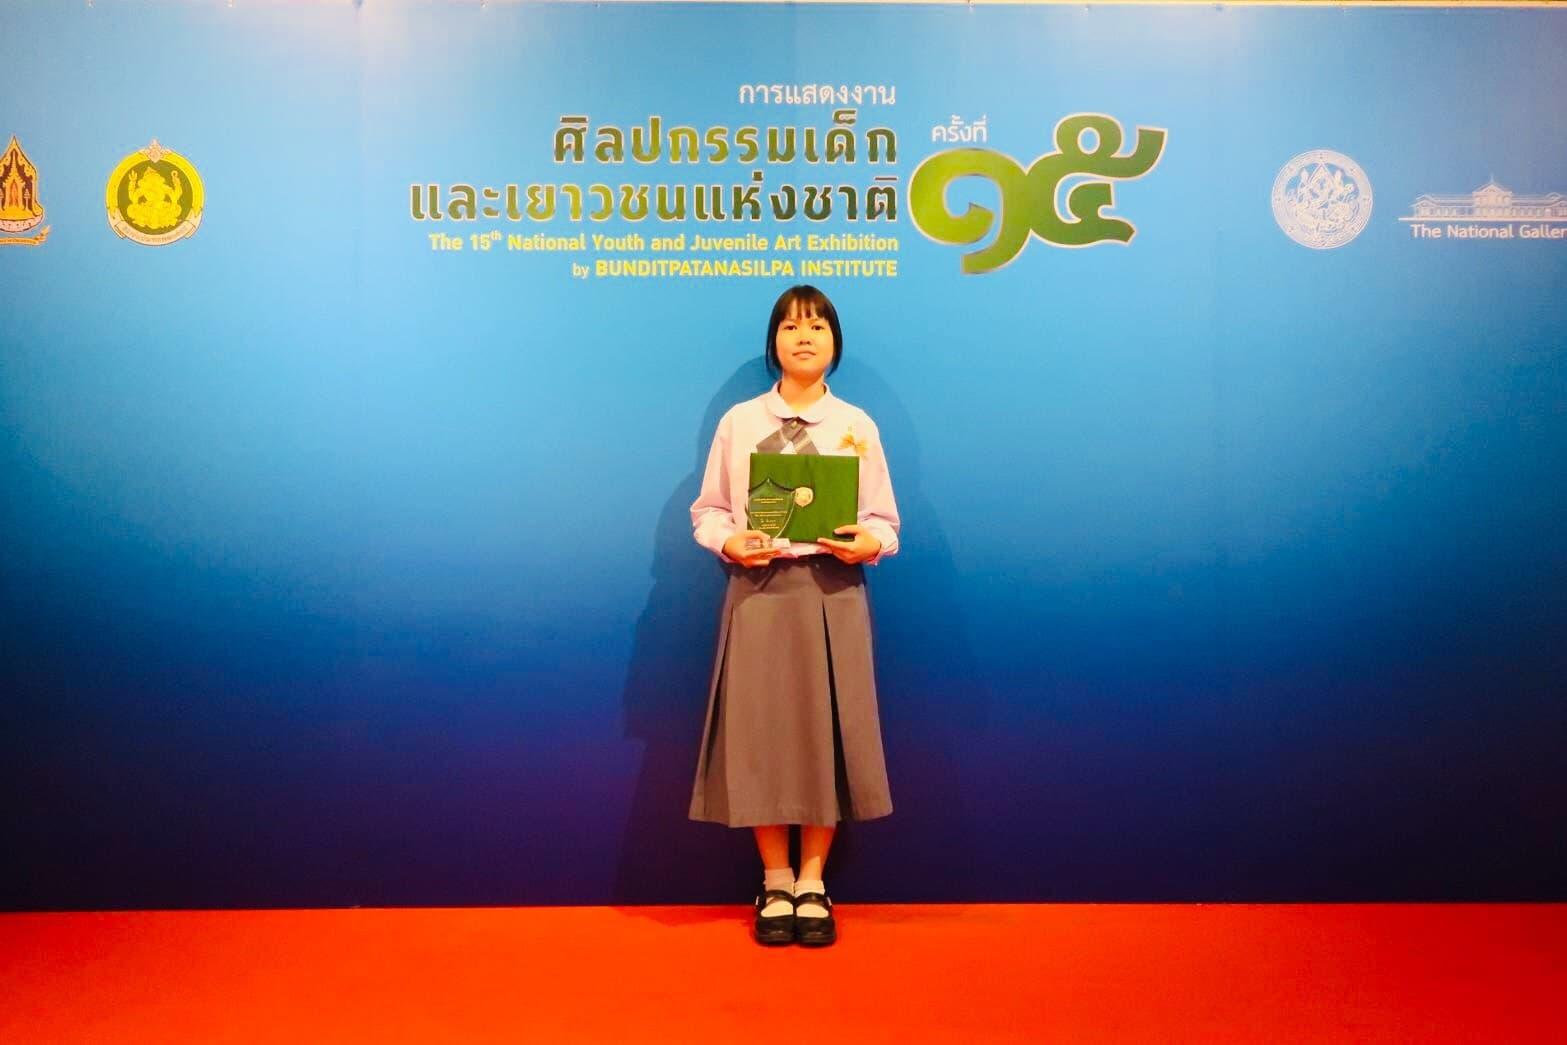 ขอแสดงความยินดีและชื่นชมนักเรียนคนเก่ง นางสาวจันทกานต์ หาญพิชานันท์